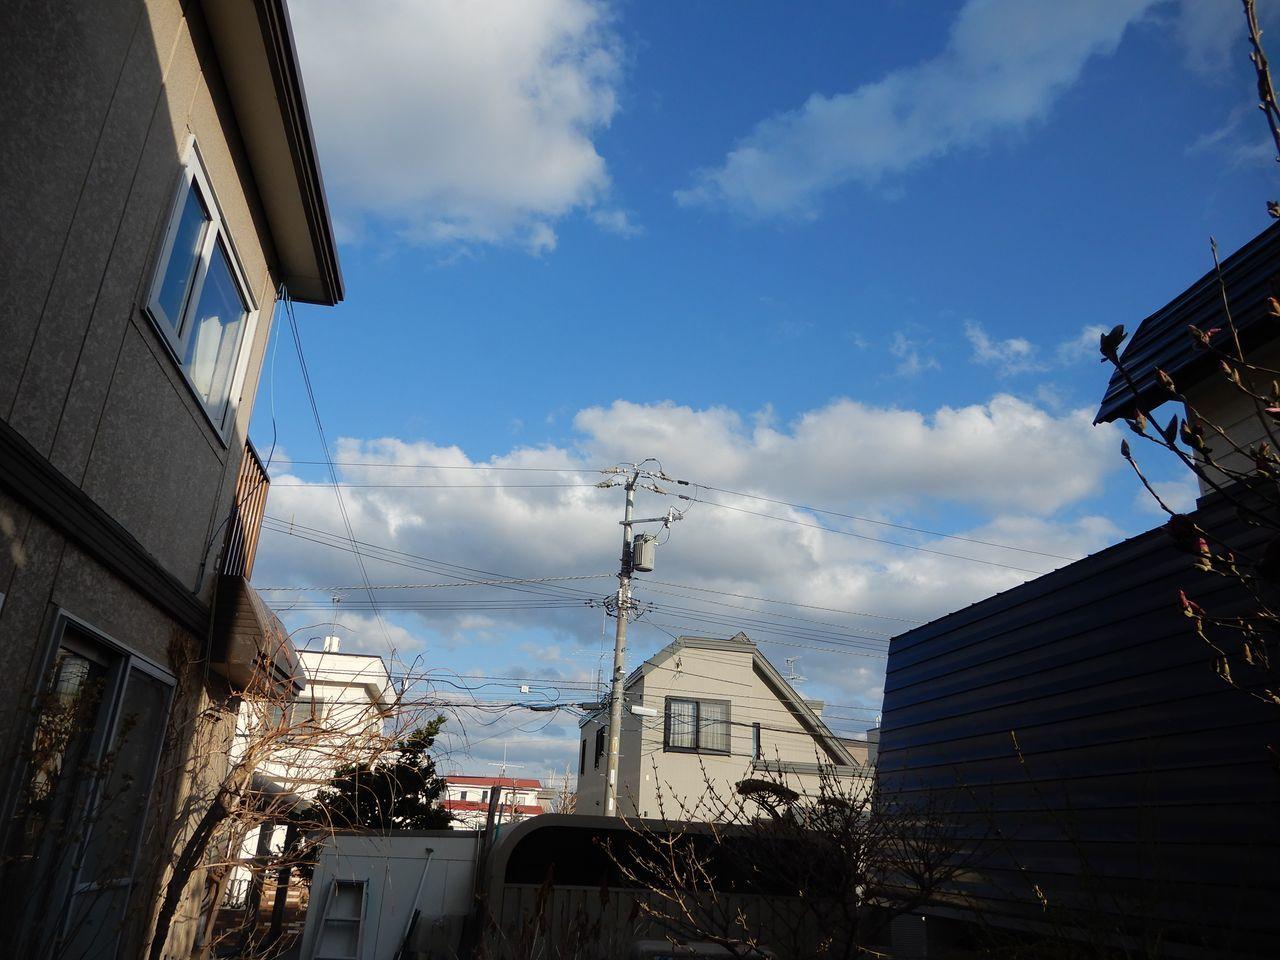 寒さが戻り「キノコの教科書」を読む_c0025115_21091878.jpg